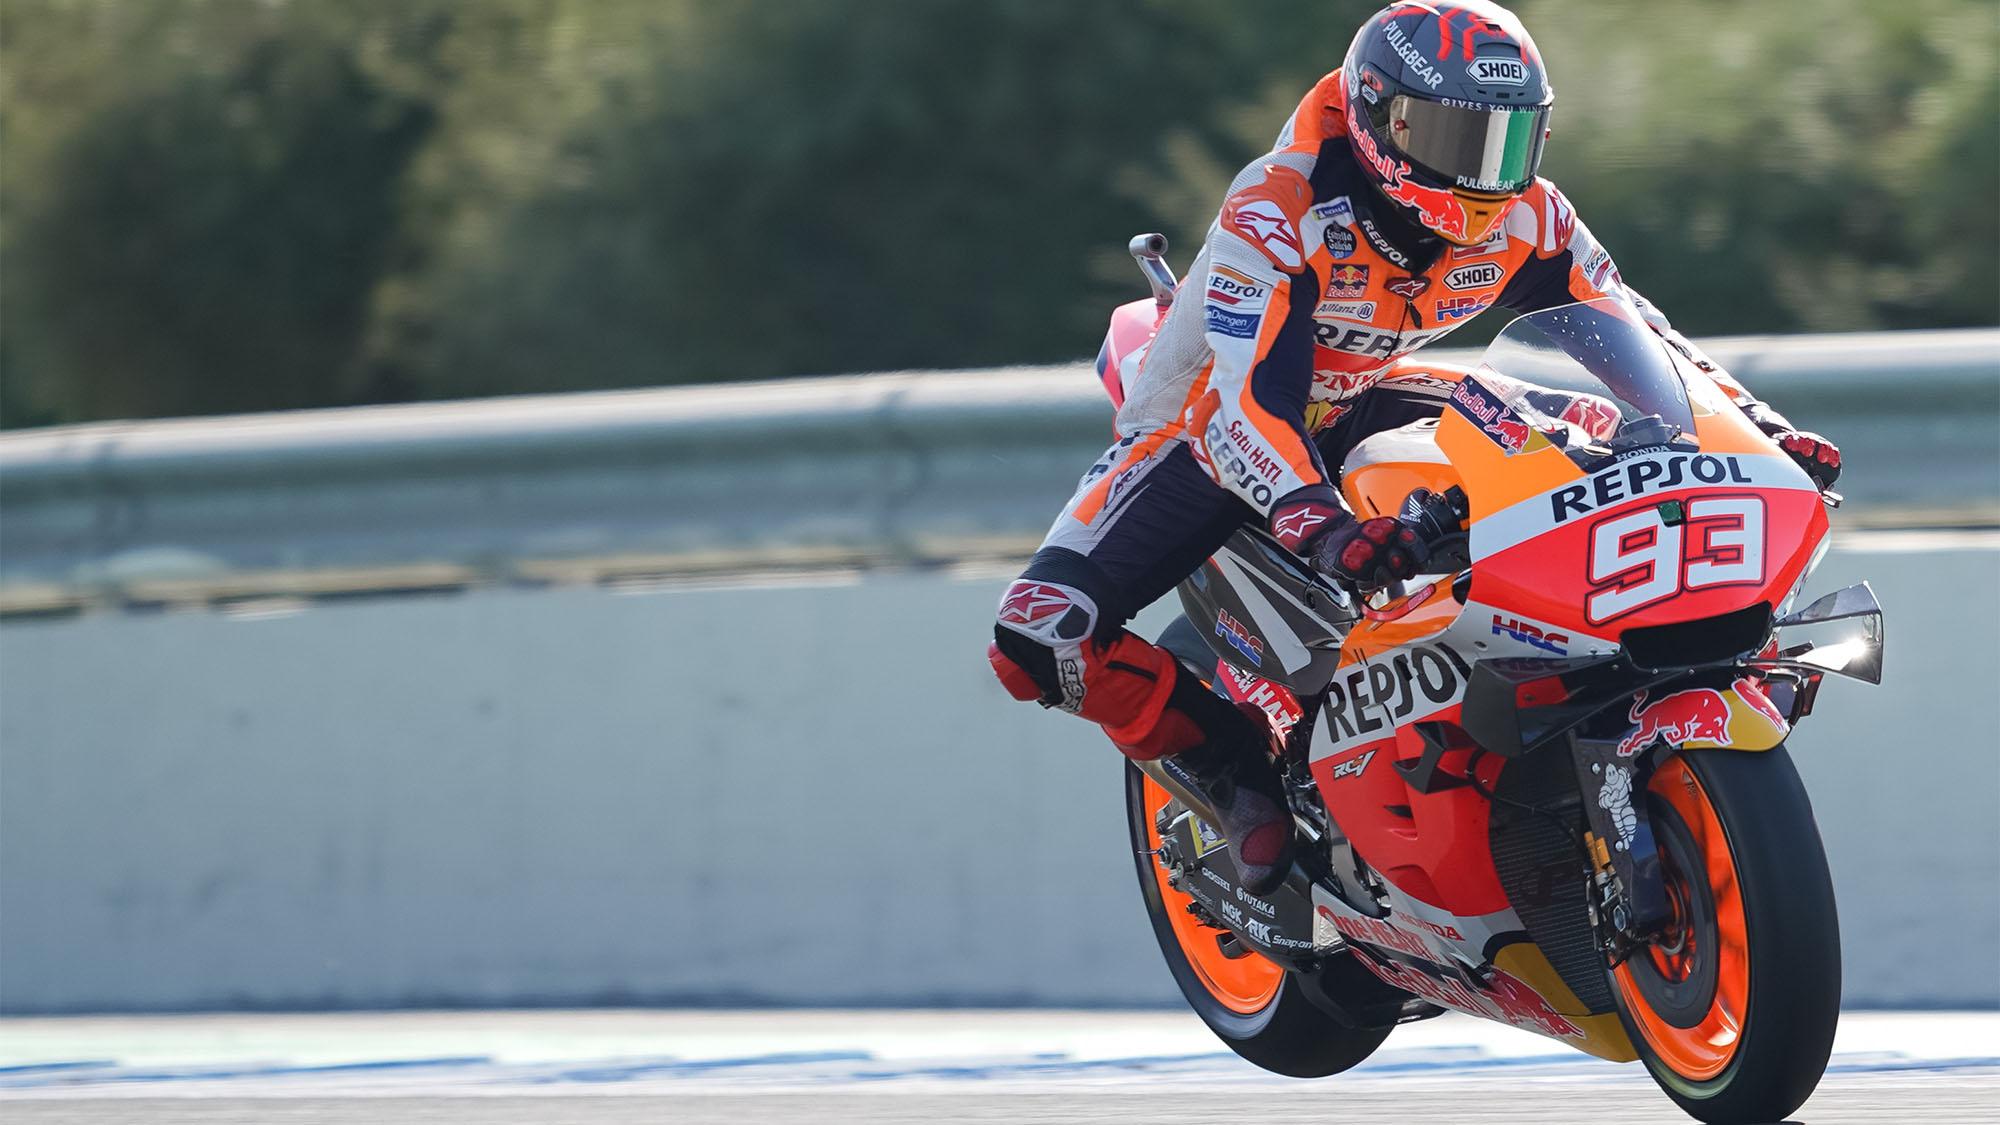 Marquez Honda